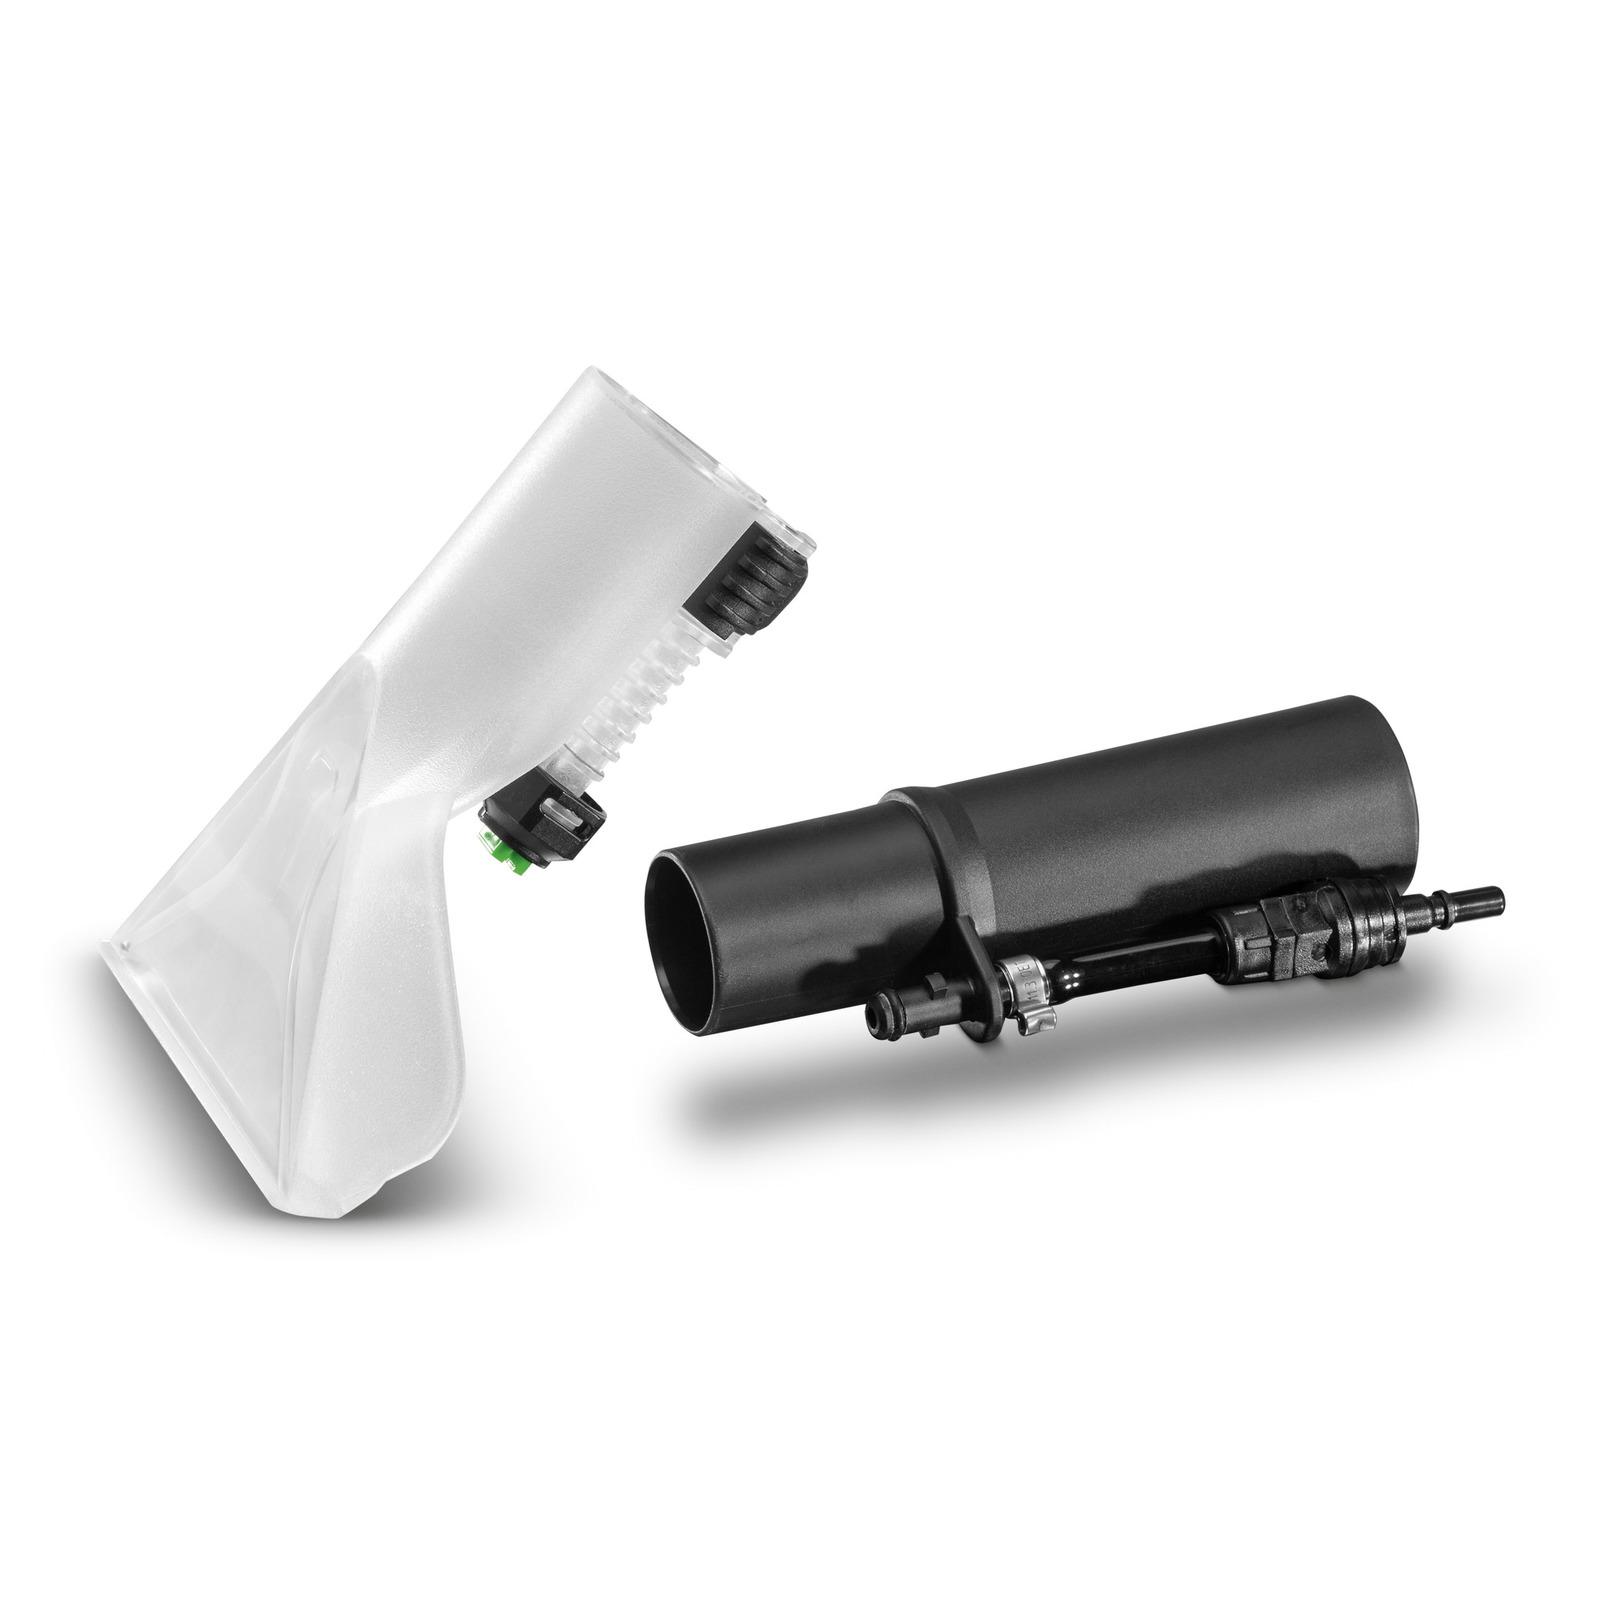 Turbo Waschdüse zur Polsterreinigung | Kärcher UG36